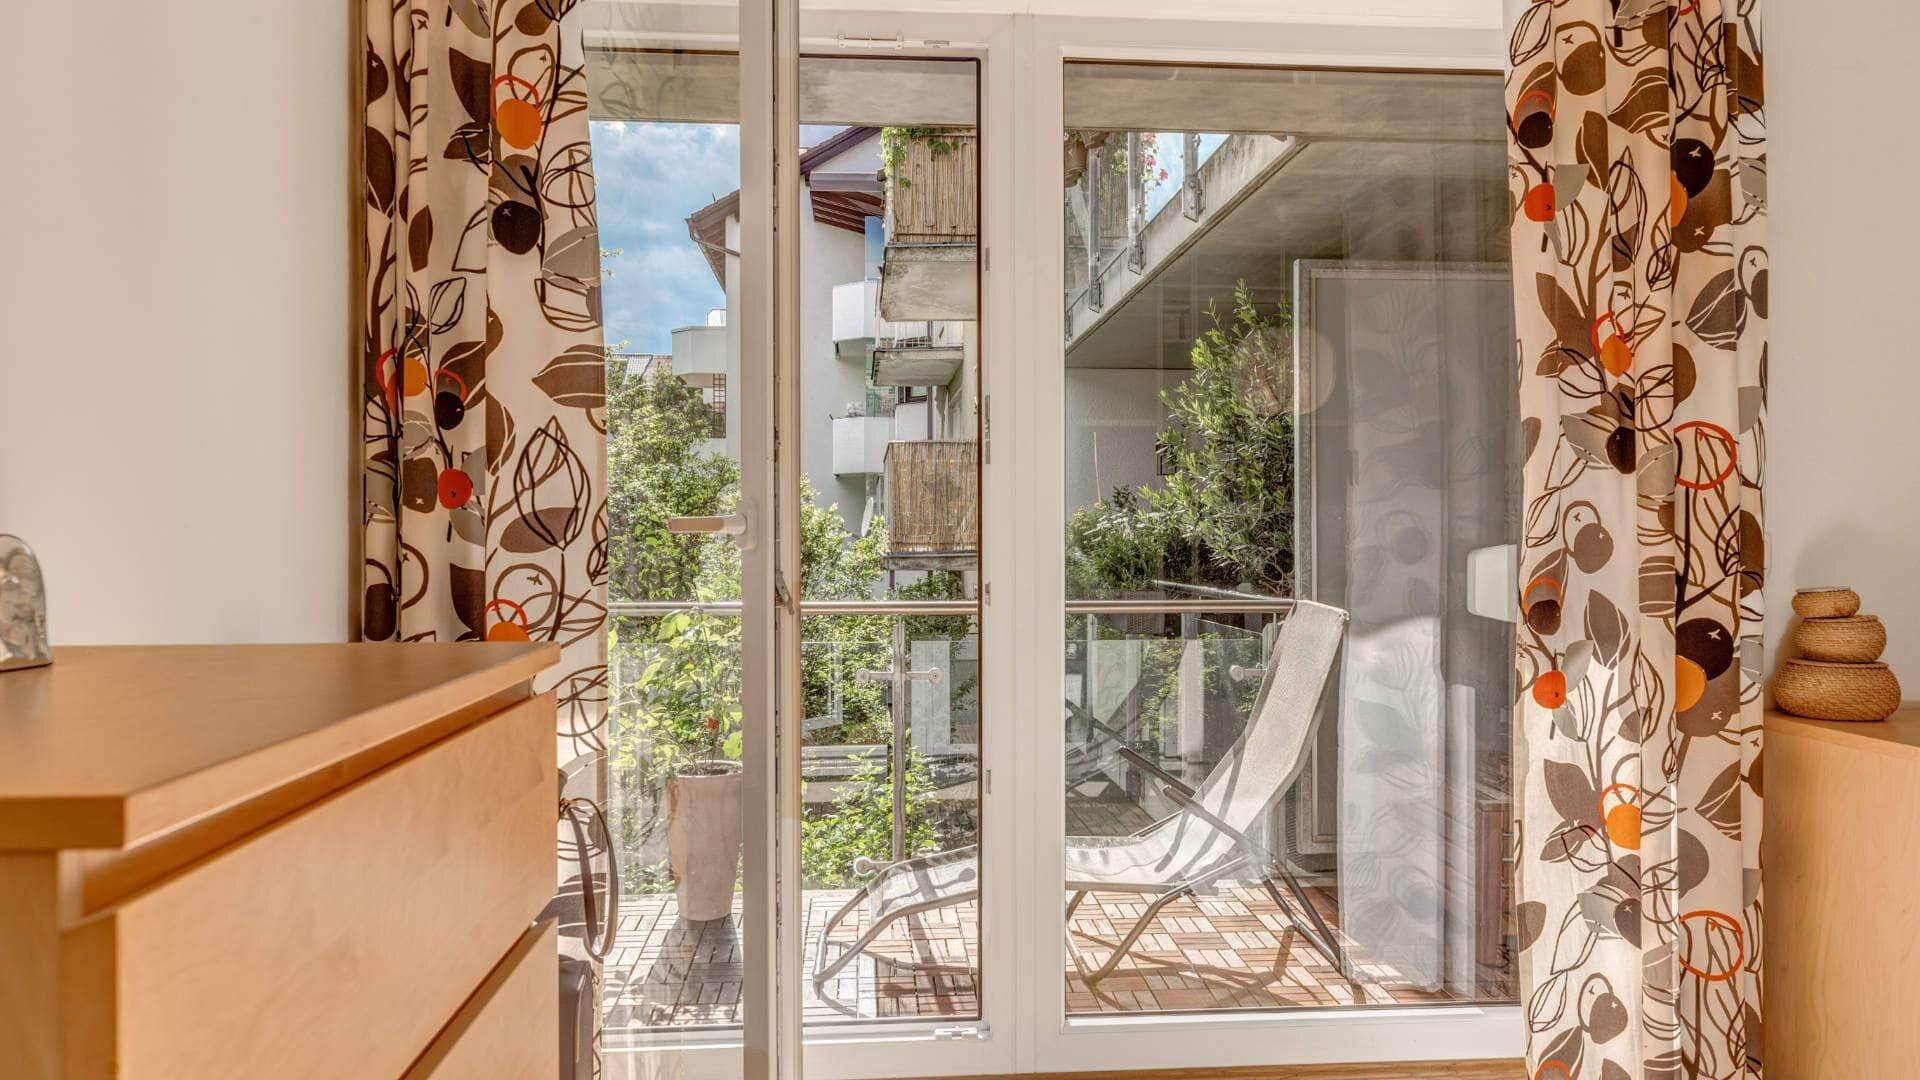 Milbertshofen Wohnung Blick zum Balkon